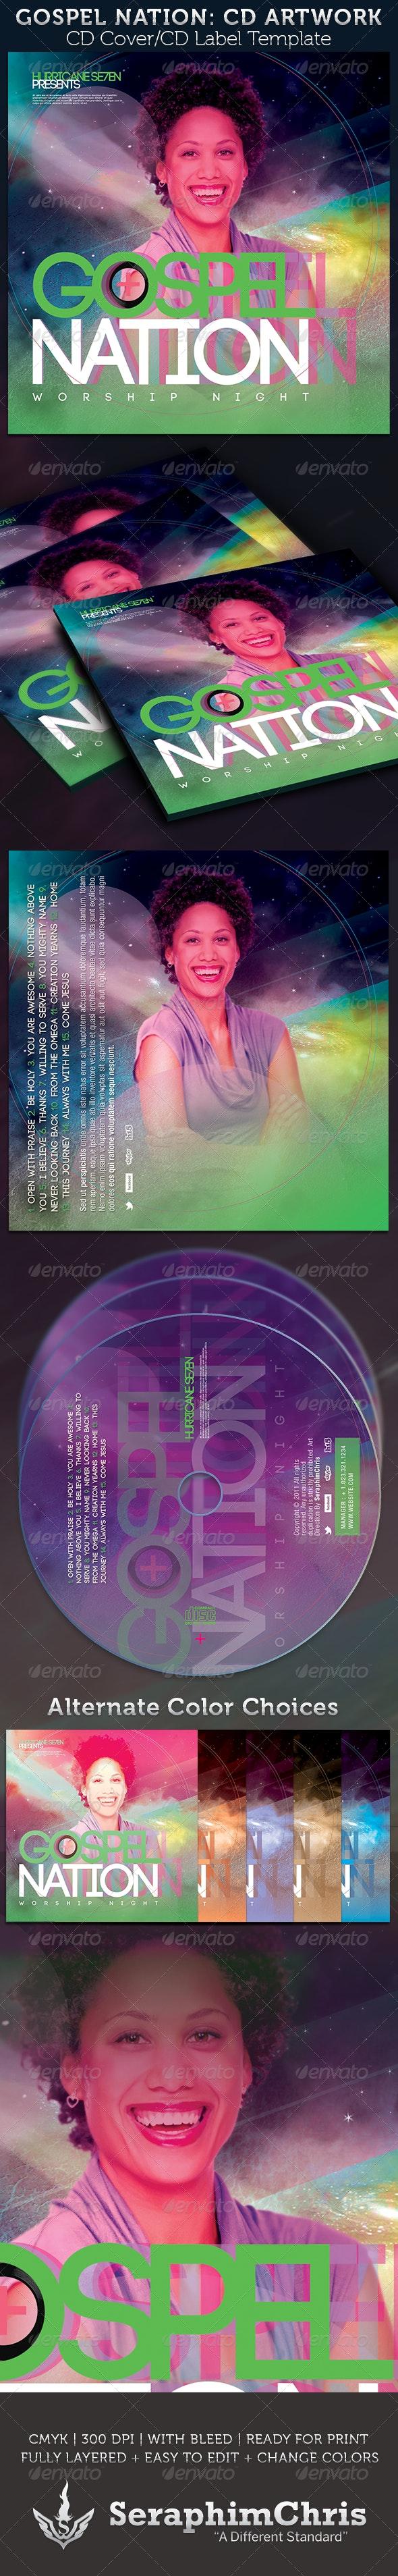 Gospel Nation CD Cover Artwork Template  - CD & DVD Artwork Print Templates